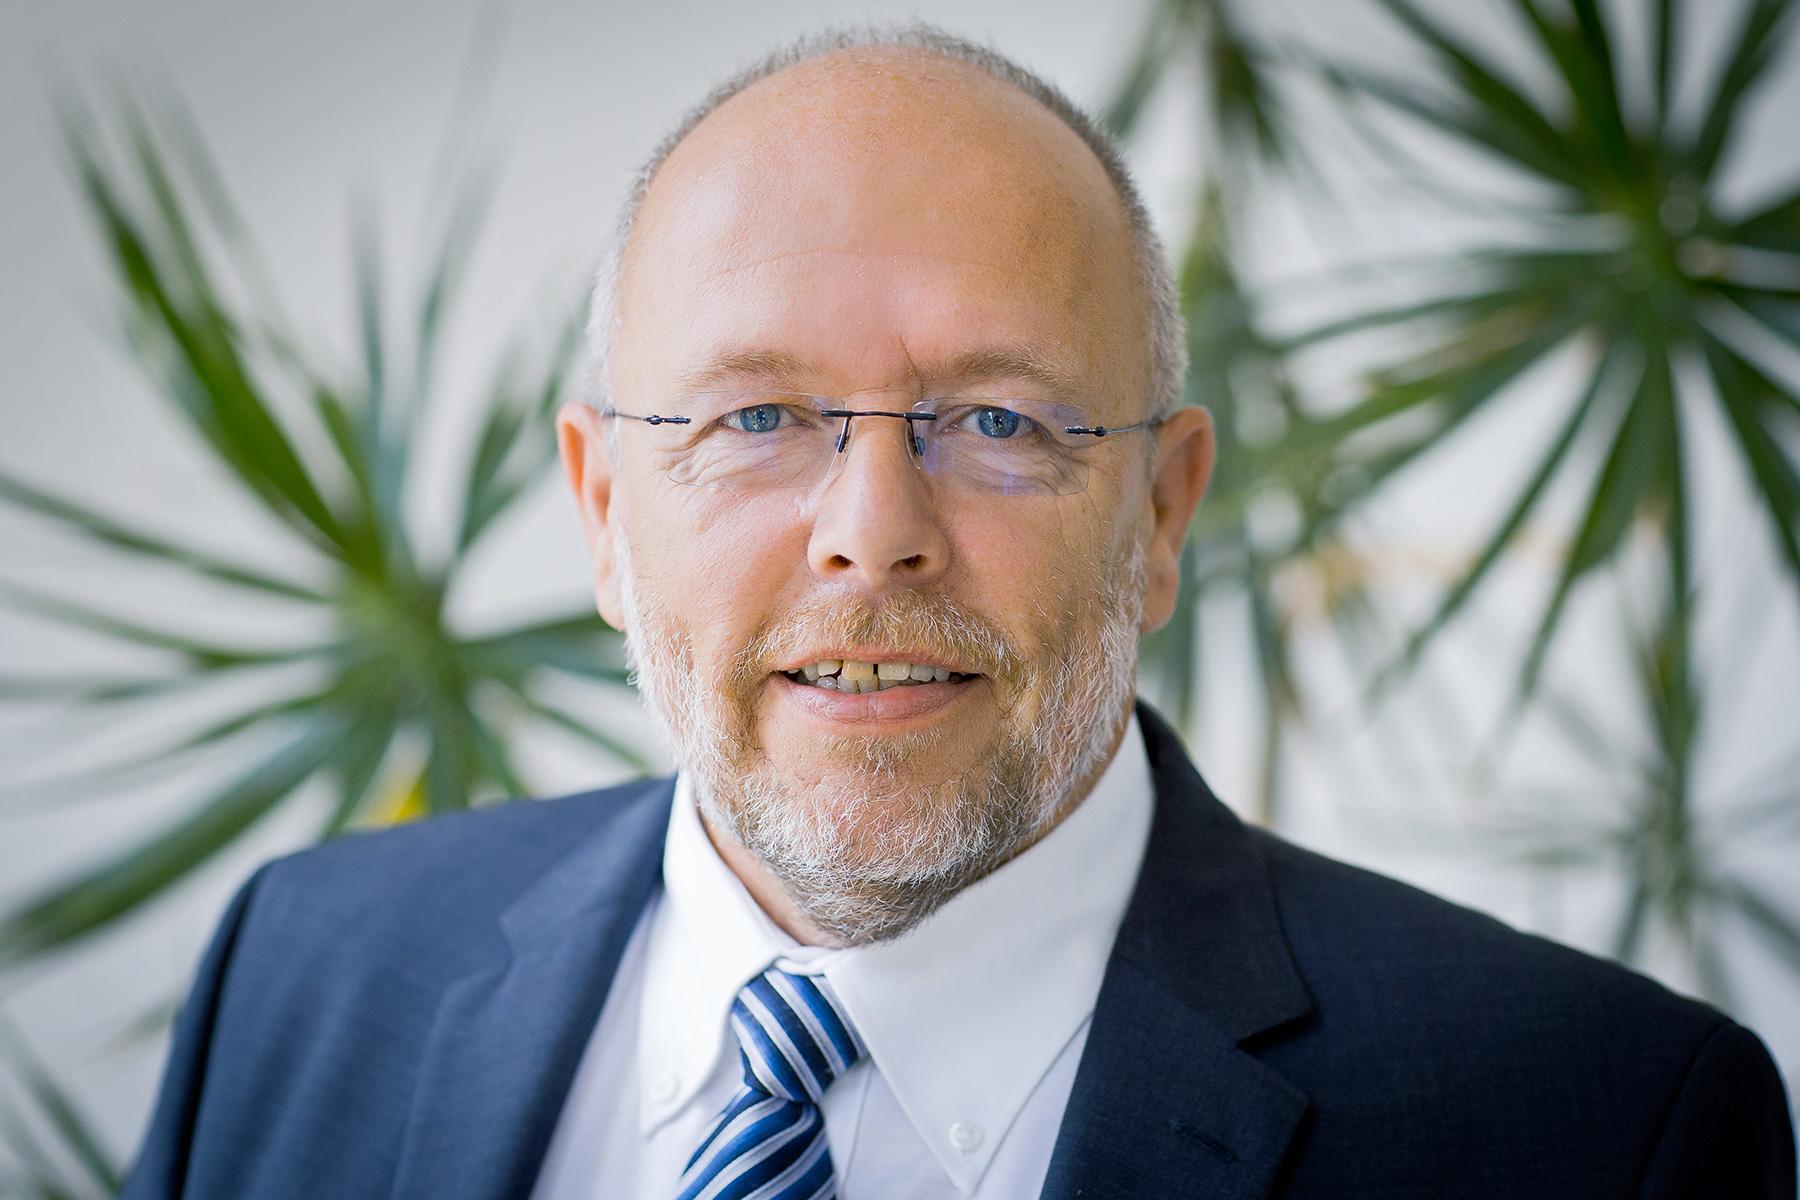 Jörg Hessler